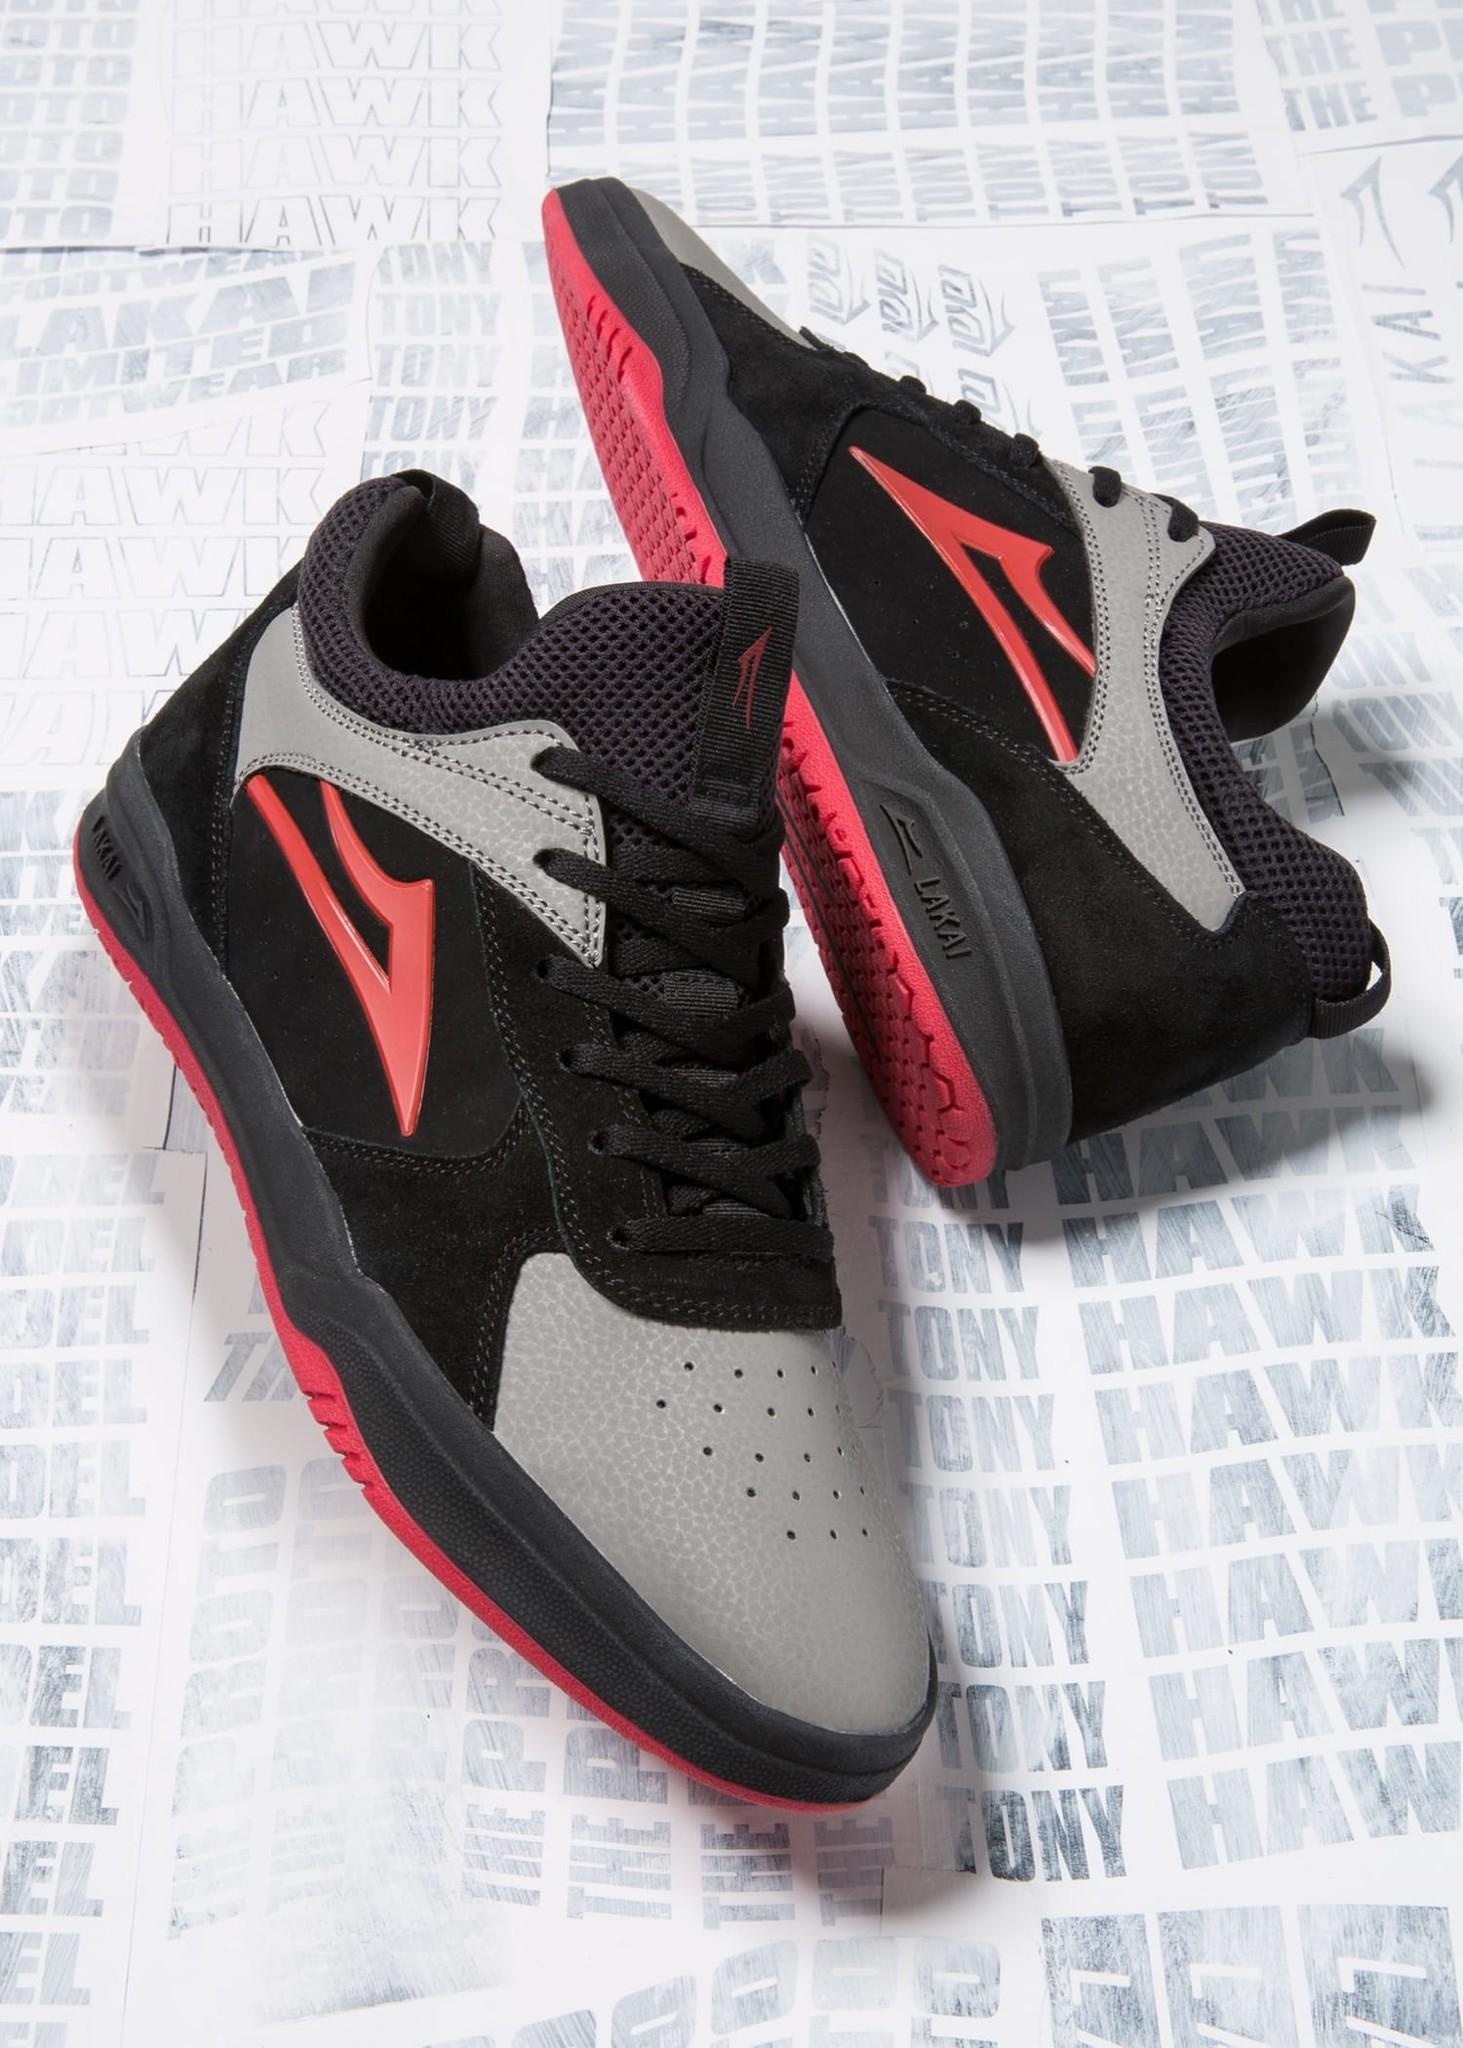 Tony Hawk Proto Skate Shoes - Black